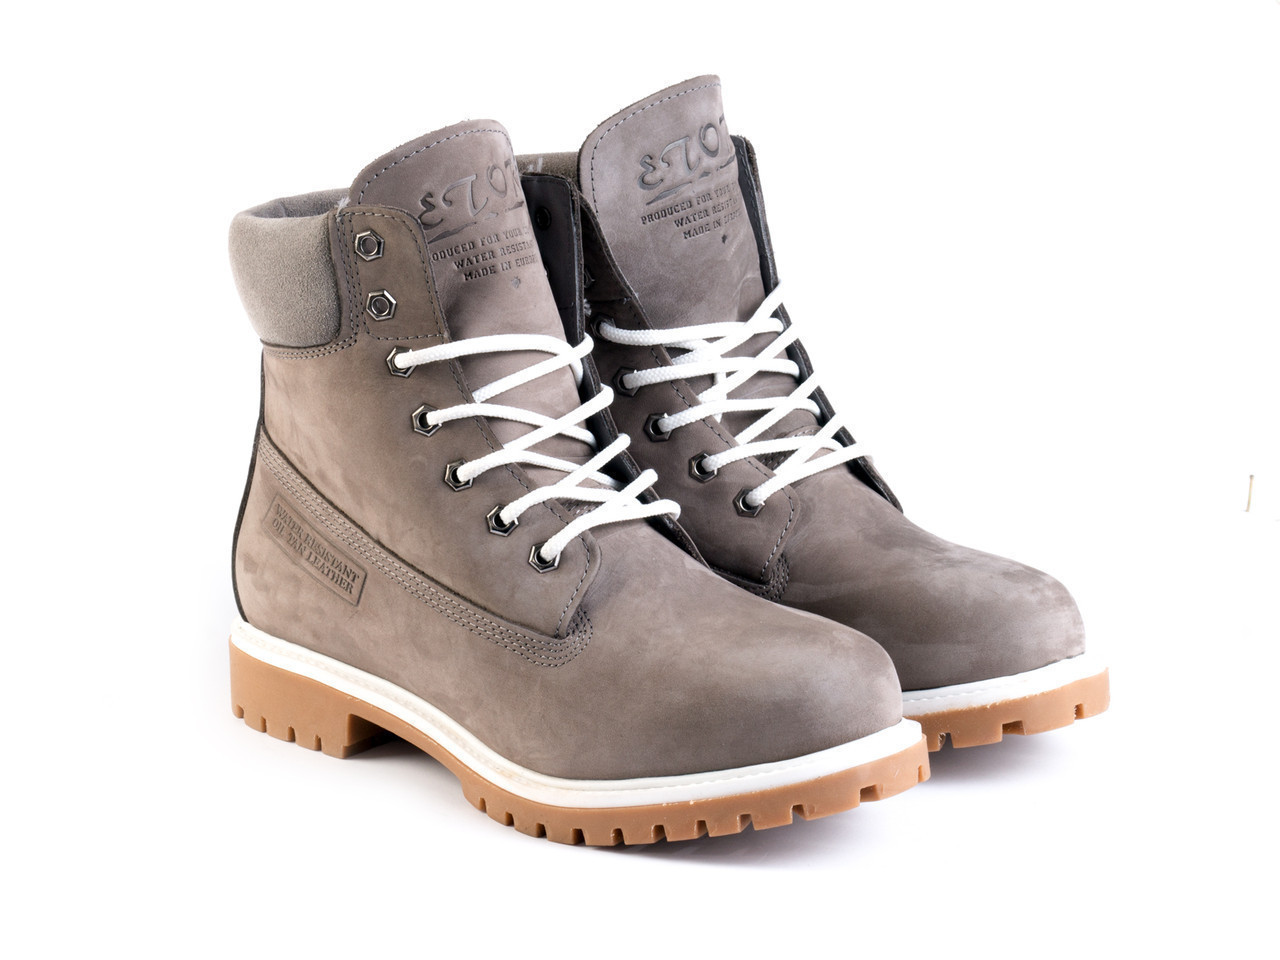 Ботинки Etor 9916-2298-850-0222 45 серые